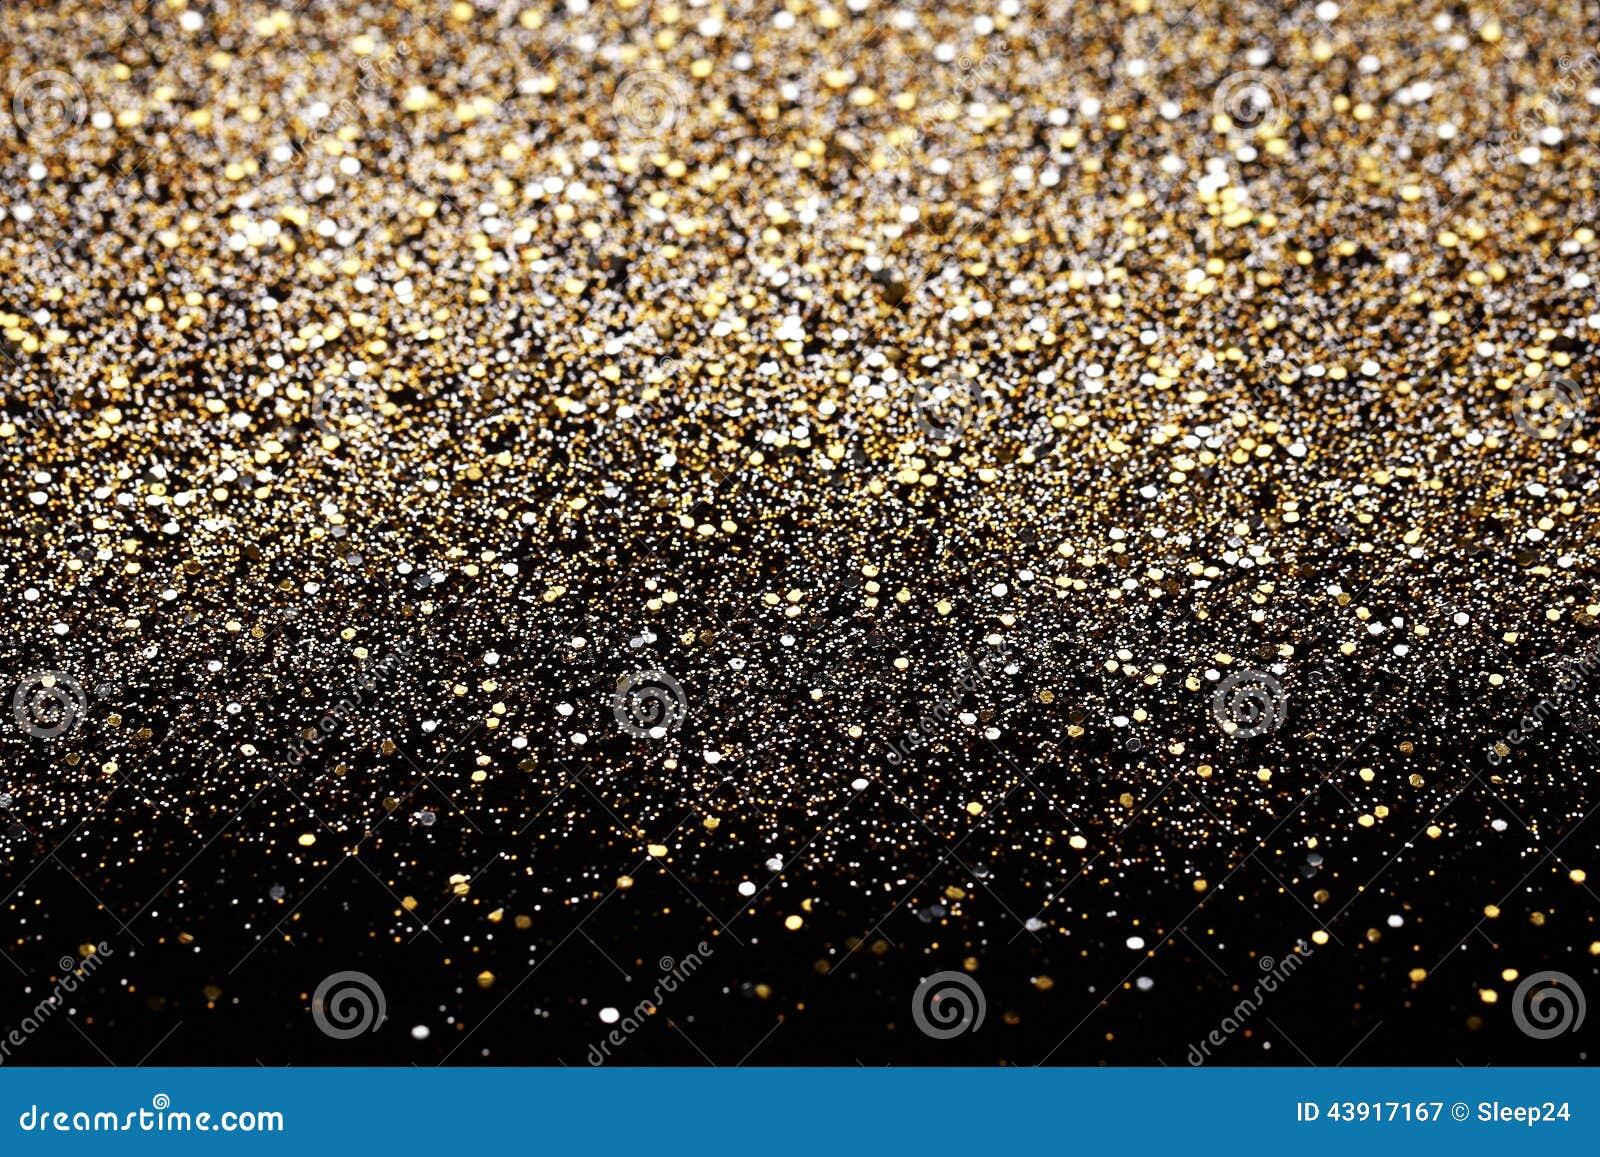 Το νέο έτος Χριστουγέννων μαύρο και ο χρυσός ακτινοβολούν υπόβαθρο Αφηρημένο ύφασμα σύστασης διακοπών